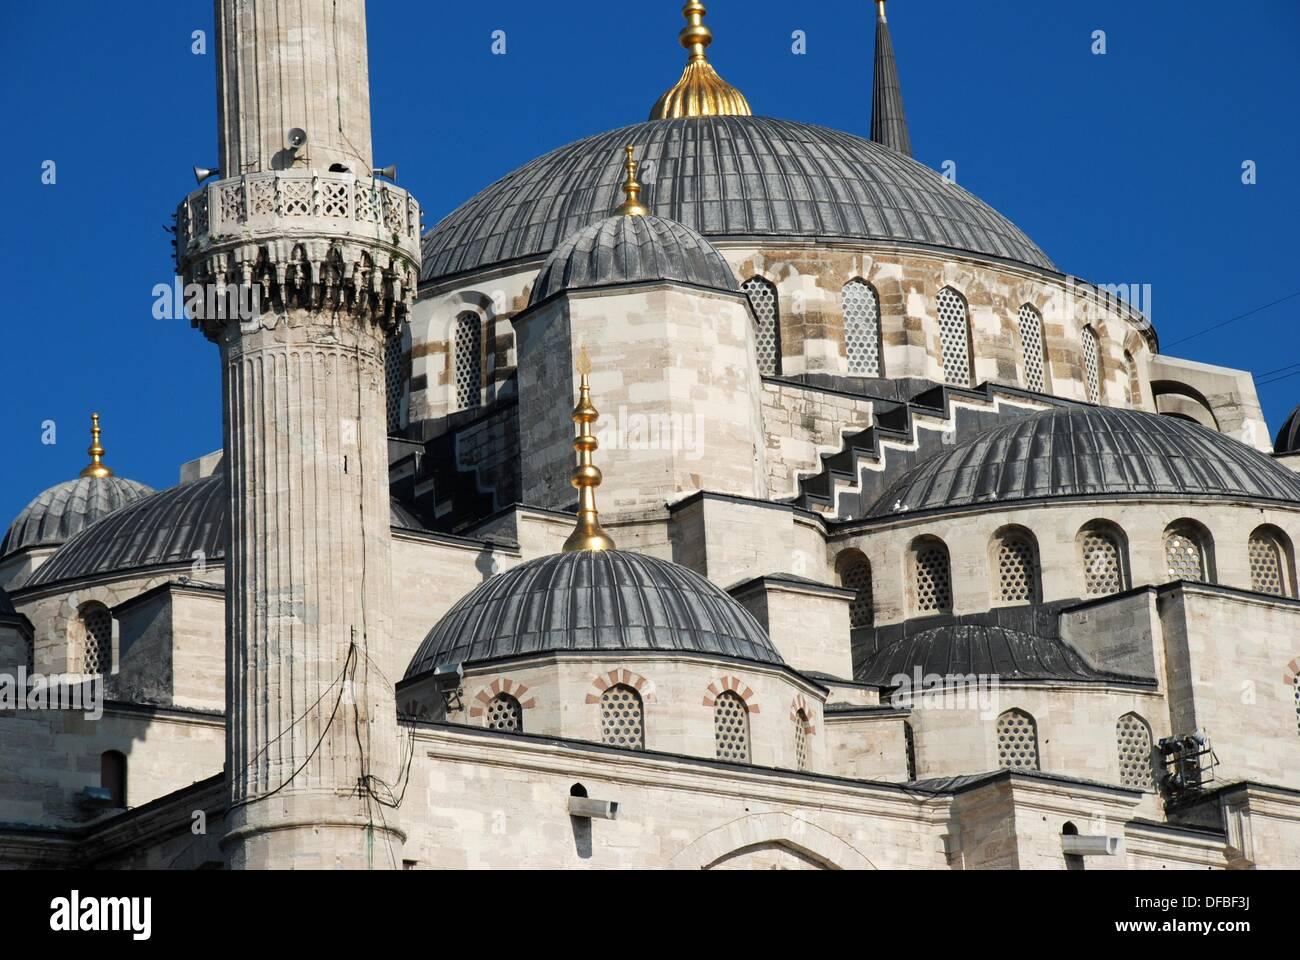 Die blaue Moschee in Istanbul - Stock Image